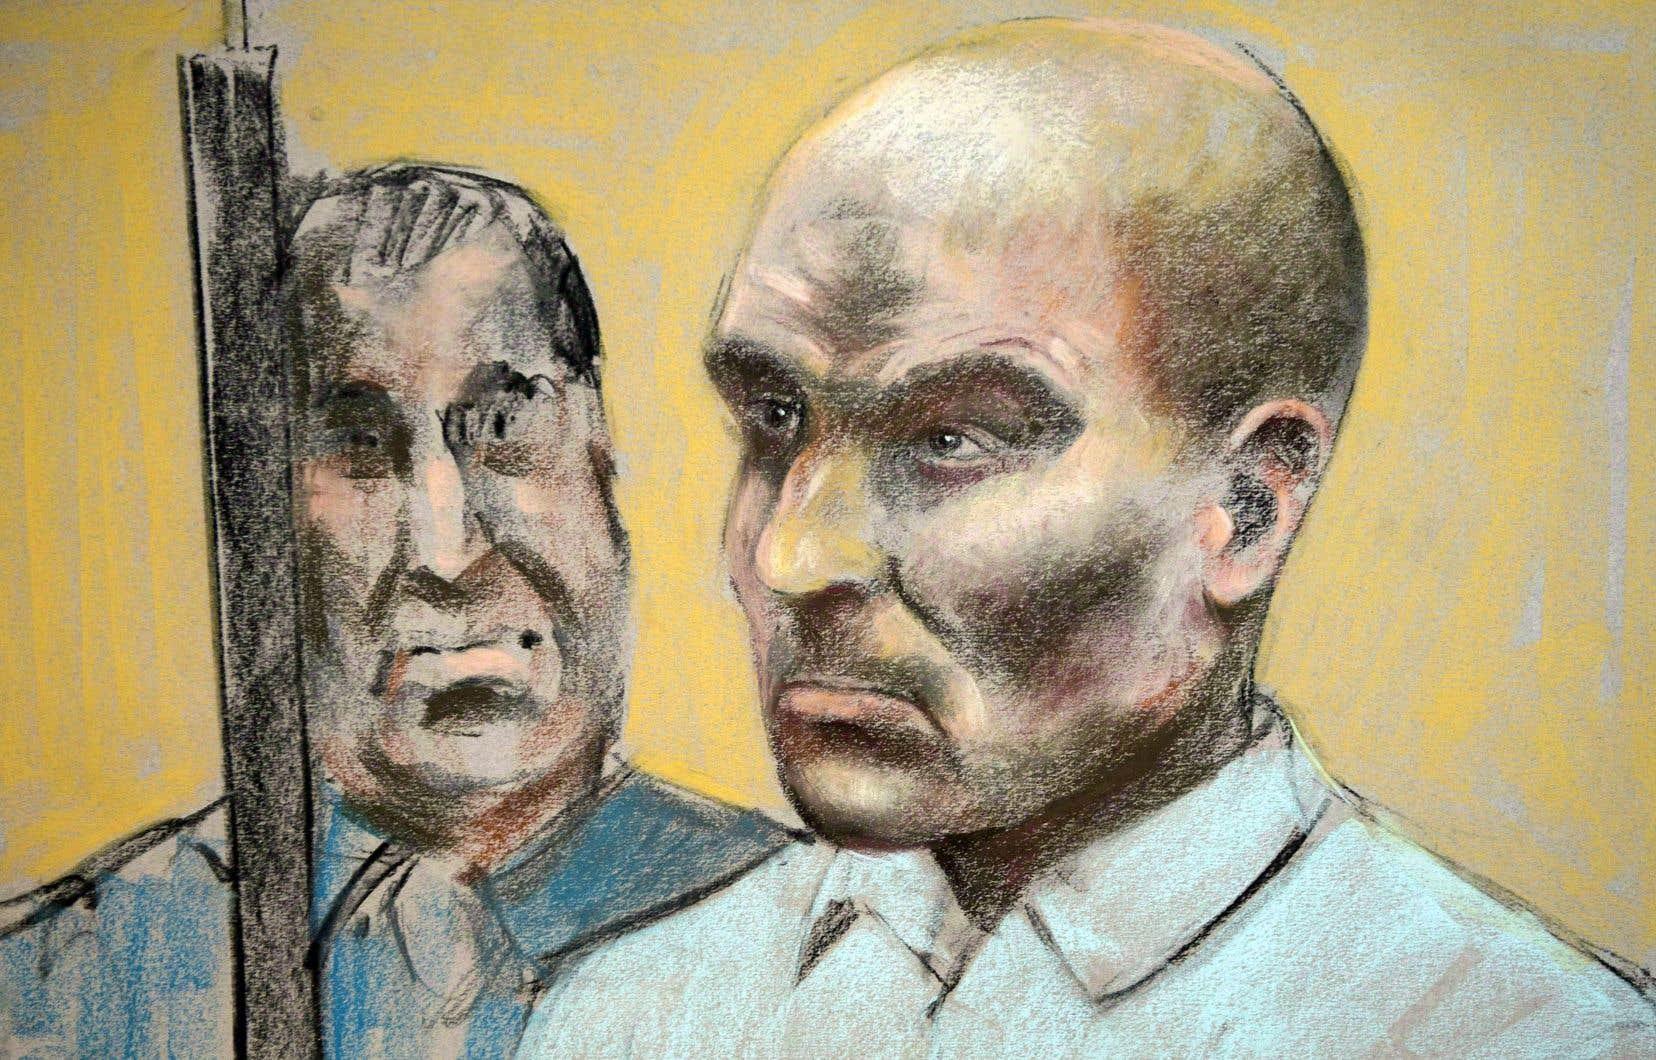 Bertrand Charest avait été déclaré coupable en juin d'avoir agressé neuf jeunes skieuses il y a une vingtaine d'années.